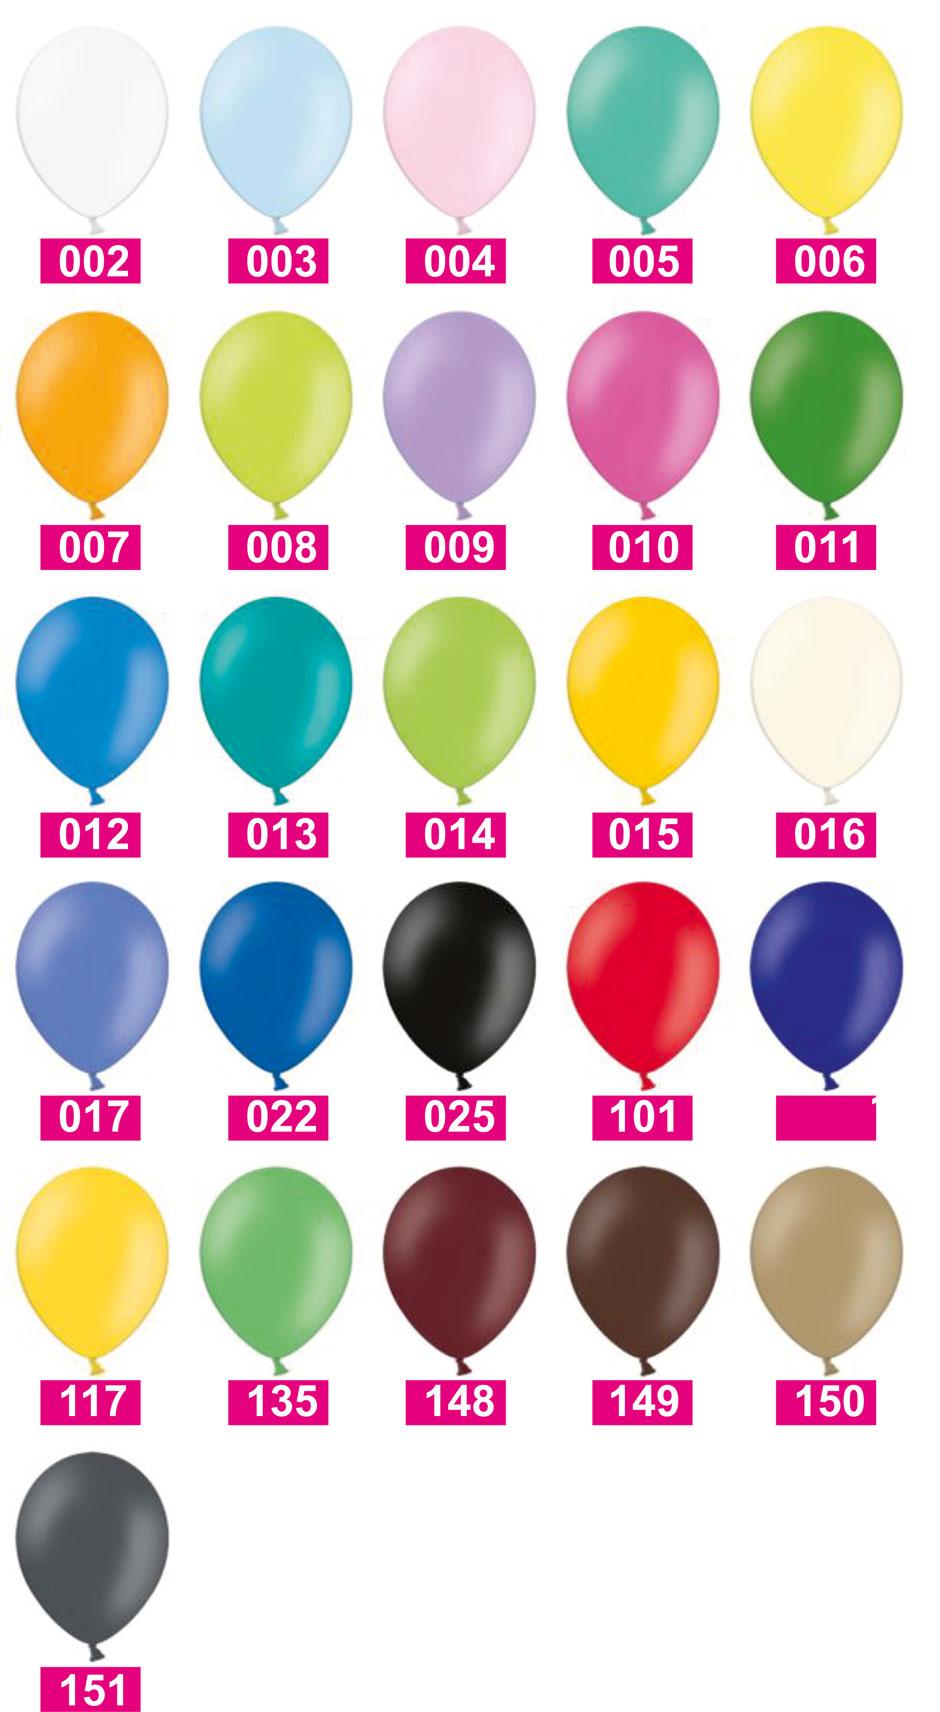 kolory-balonow